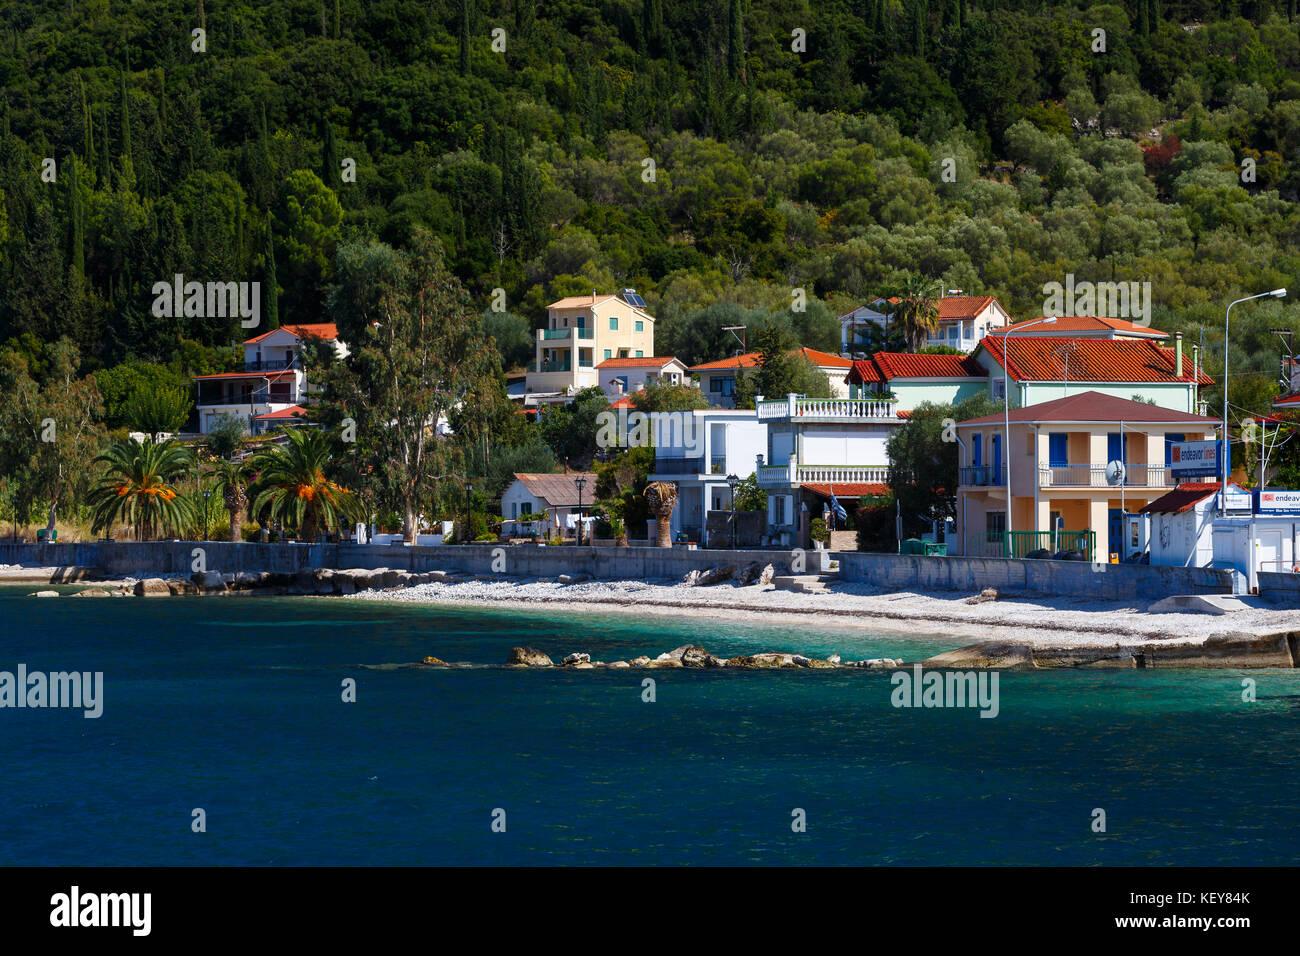 Sami villaggio sull'isola di Cefalonia in Grecia. Immagini Stock